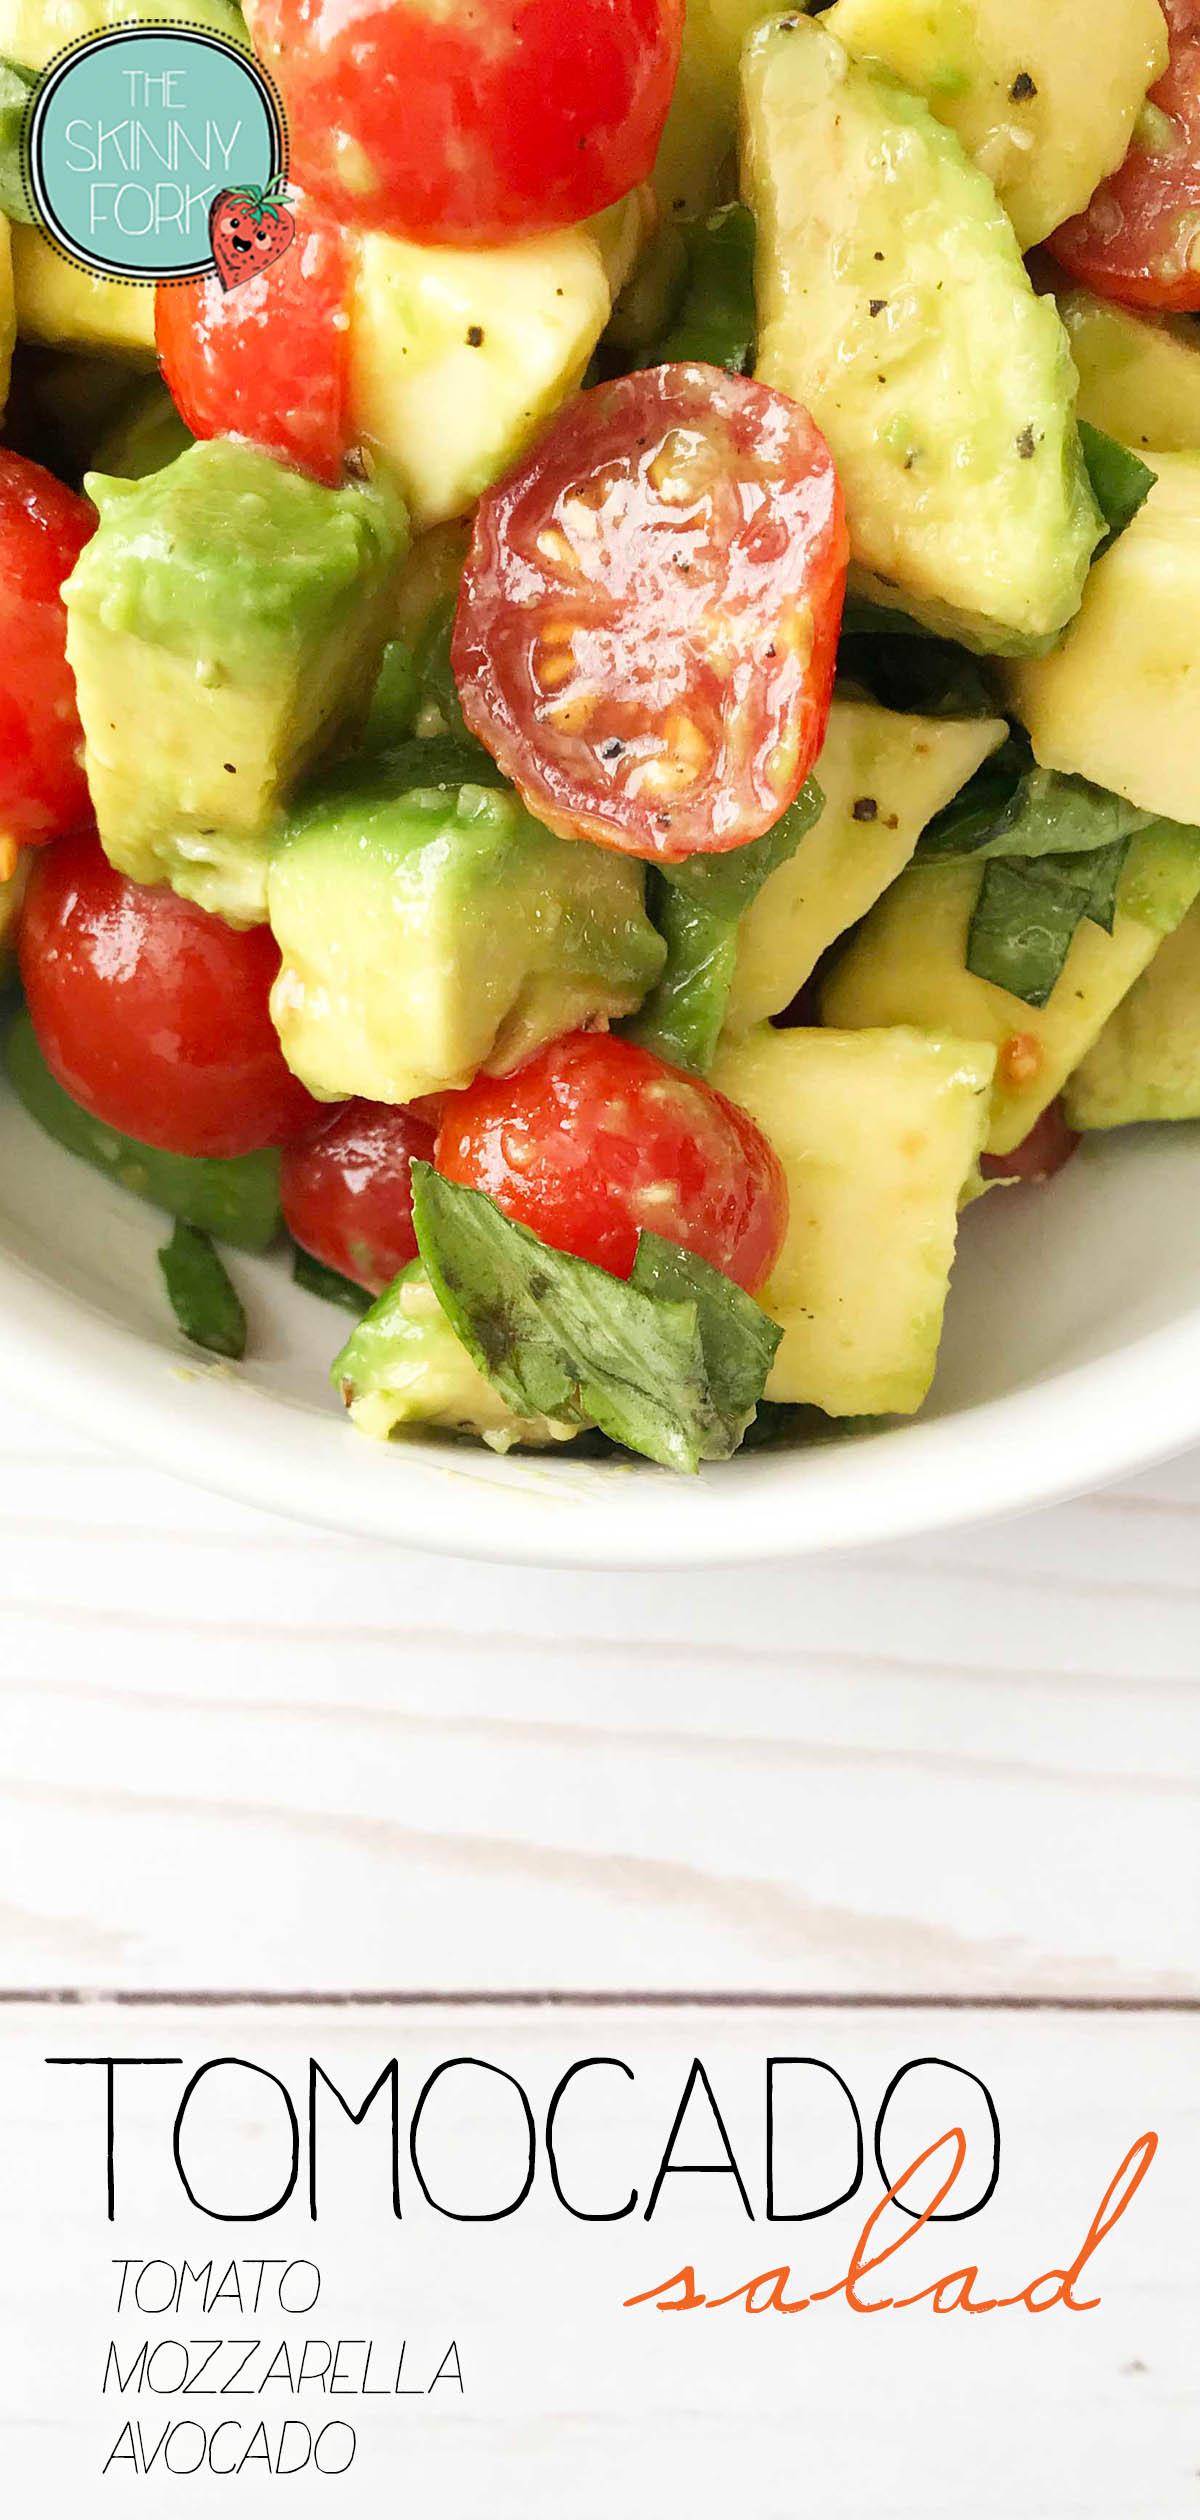 Tomocado Salad